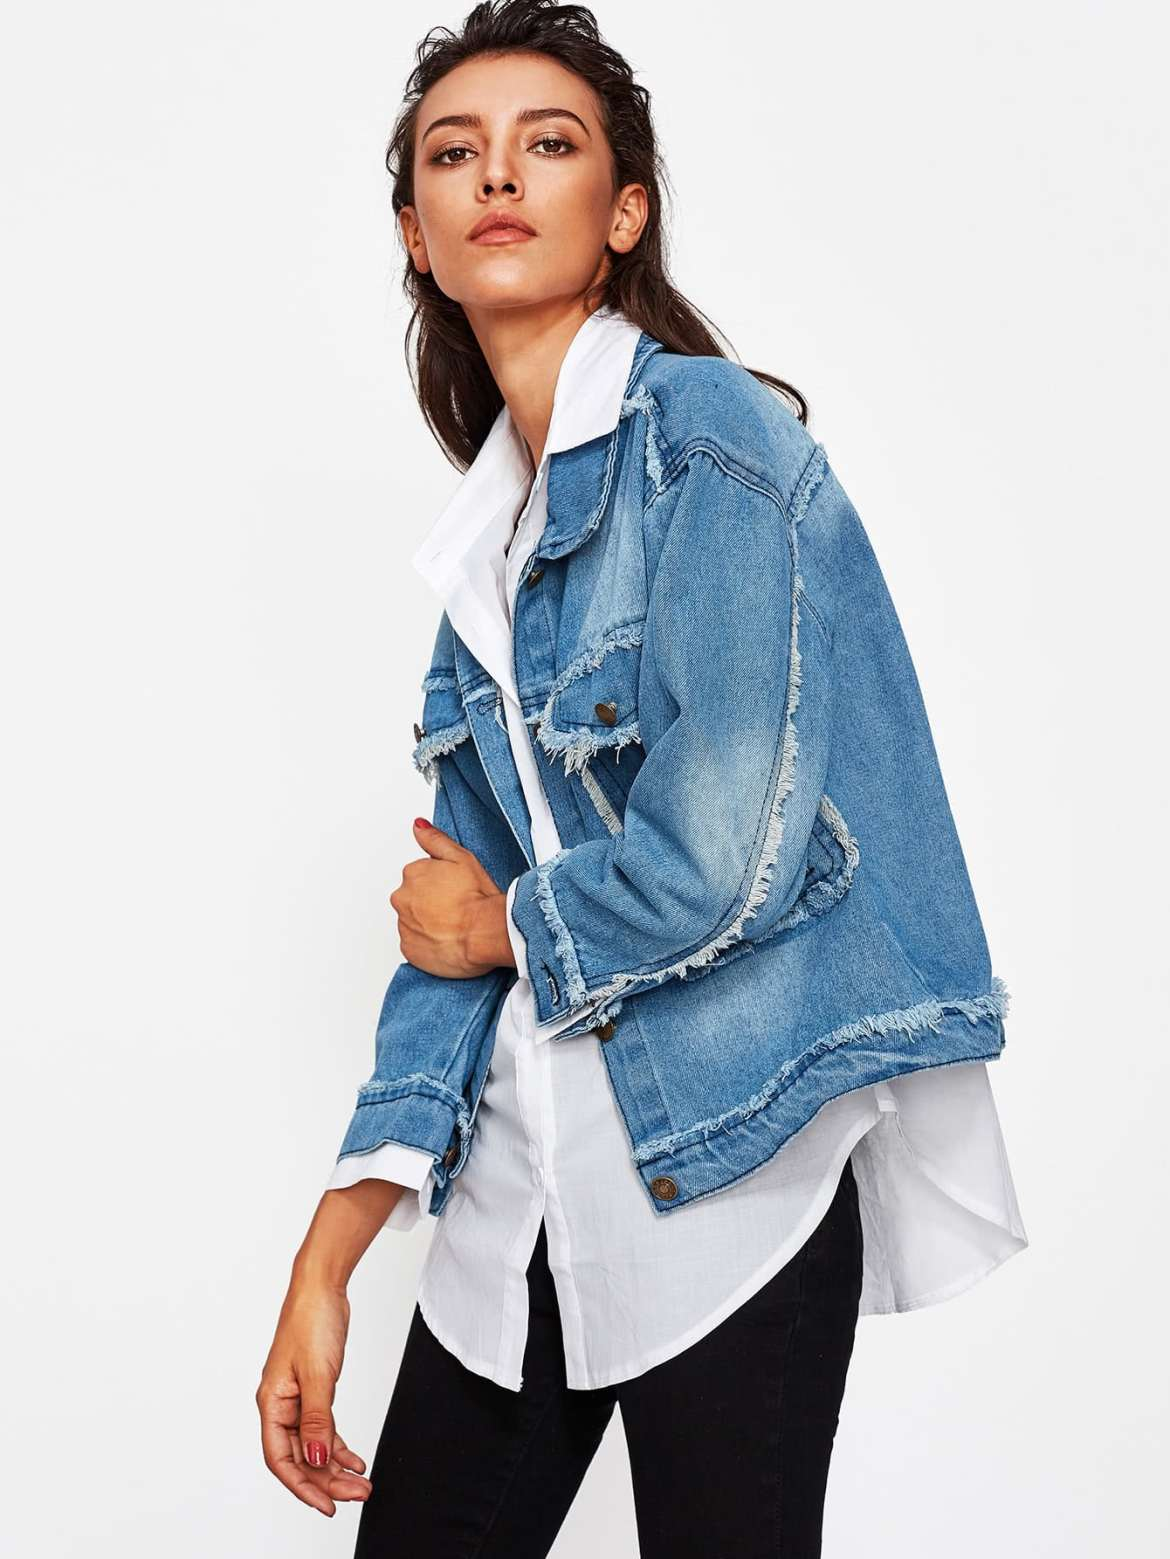 tendencias otoño 2017 invierno moda fashion outfit blog blogger carmen marta shein trendy two